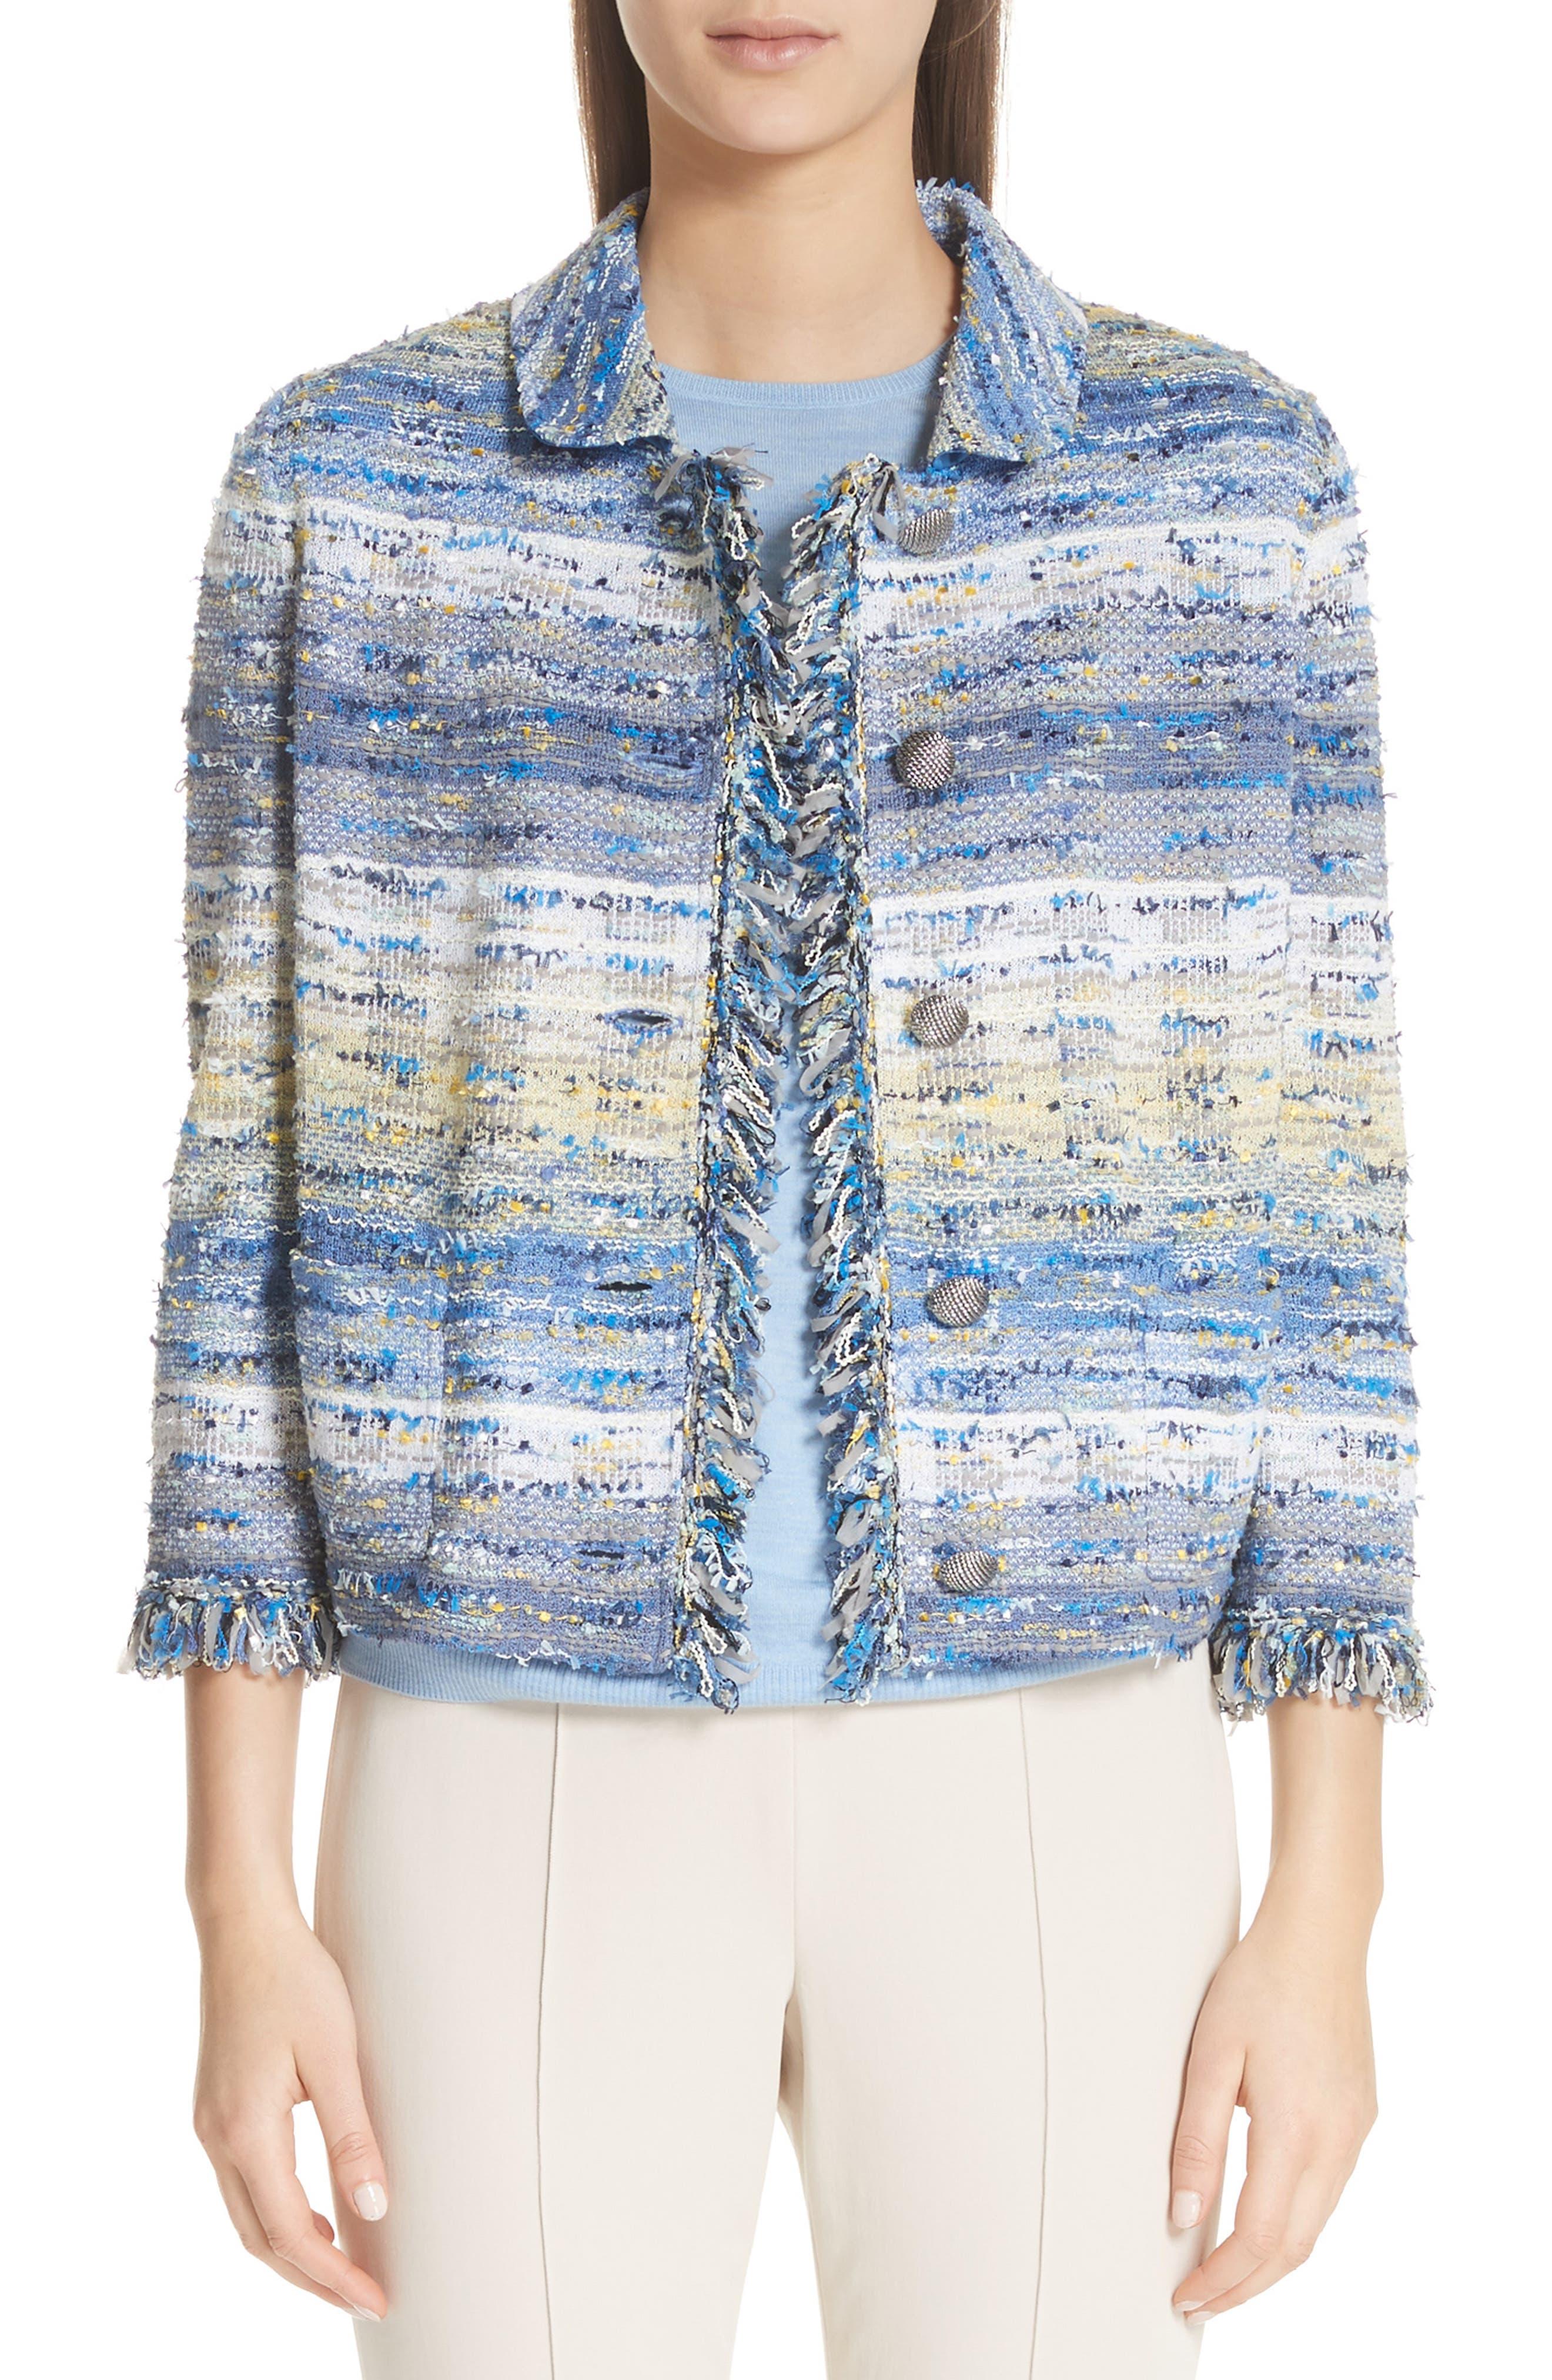 Chelsea 3/4-Sleeve Tweed Knit Jacket in Blue